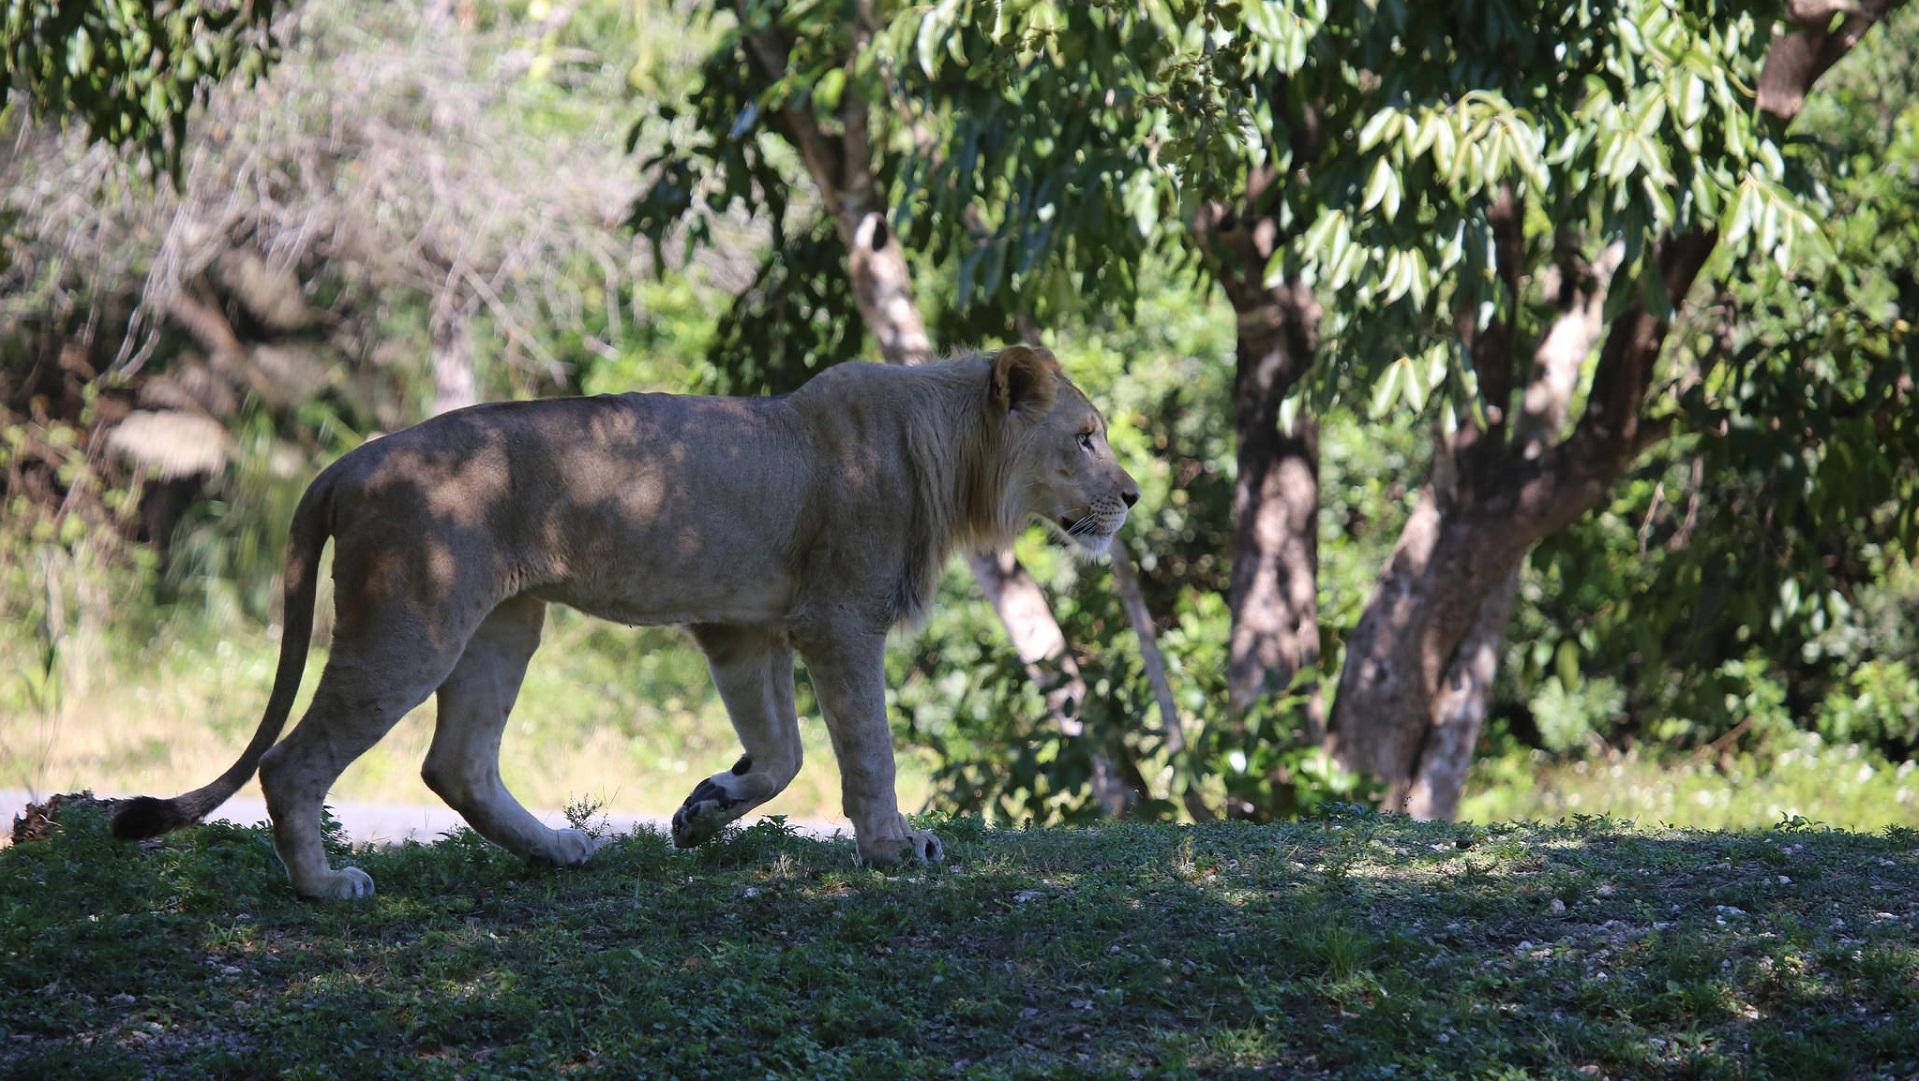 Cómo la inteligencia artificial puede apoyar la conservación de los animales